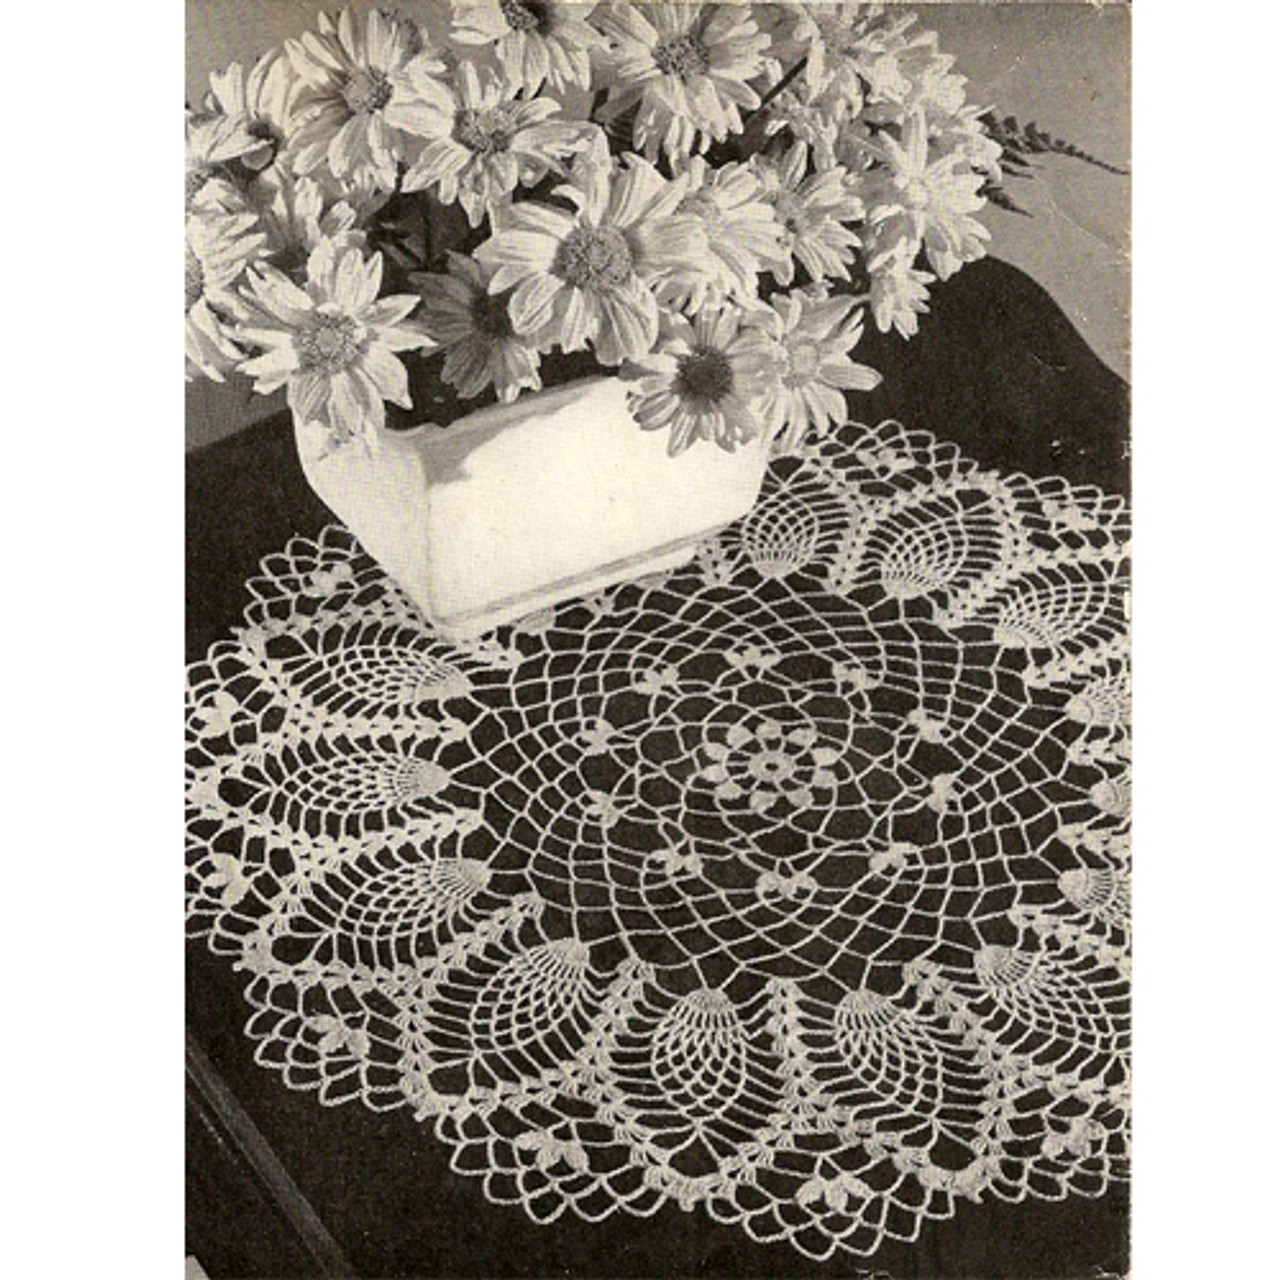 Cornfield Crochet Pineapple Doily Pattern